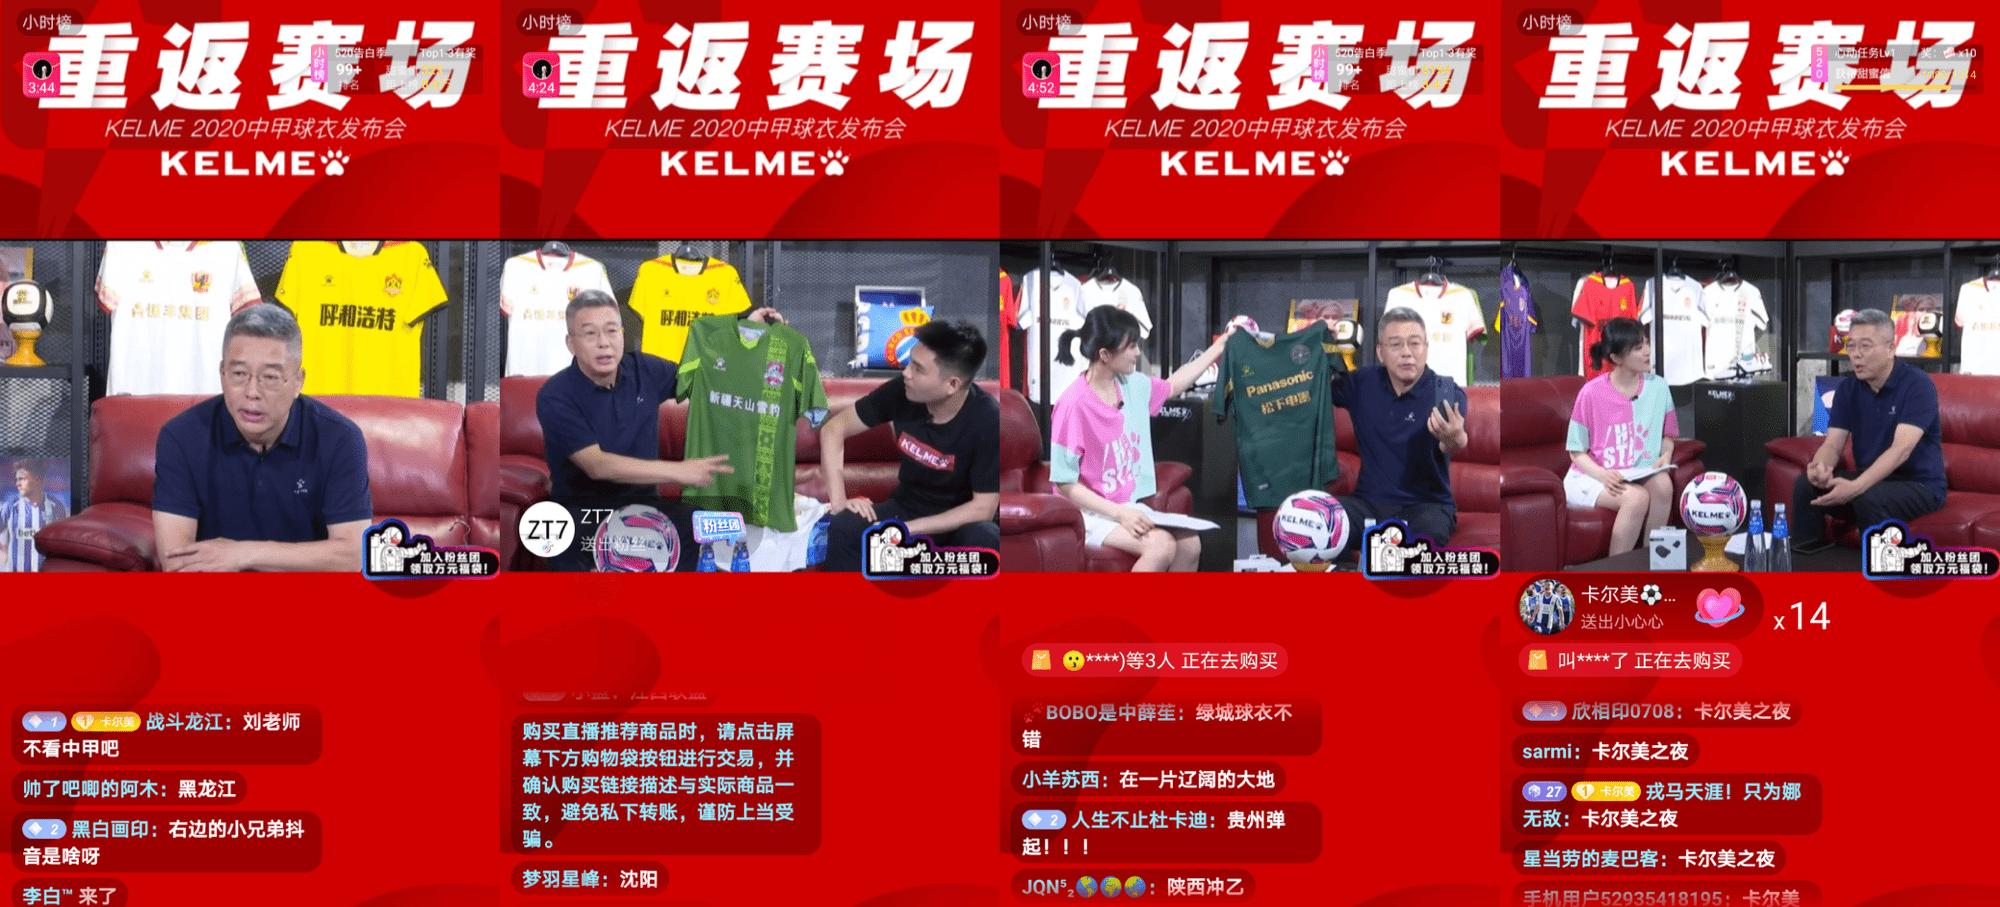 卡尔美KELME发布2020赛季中甲球衣 期待重启时刻